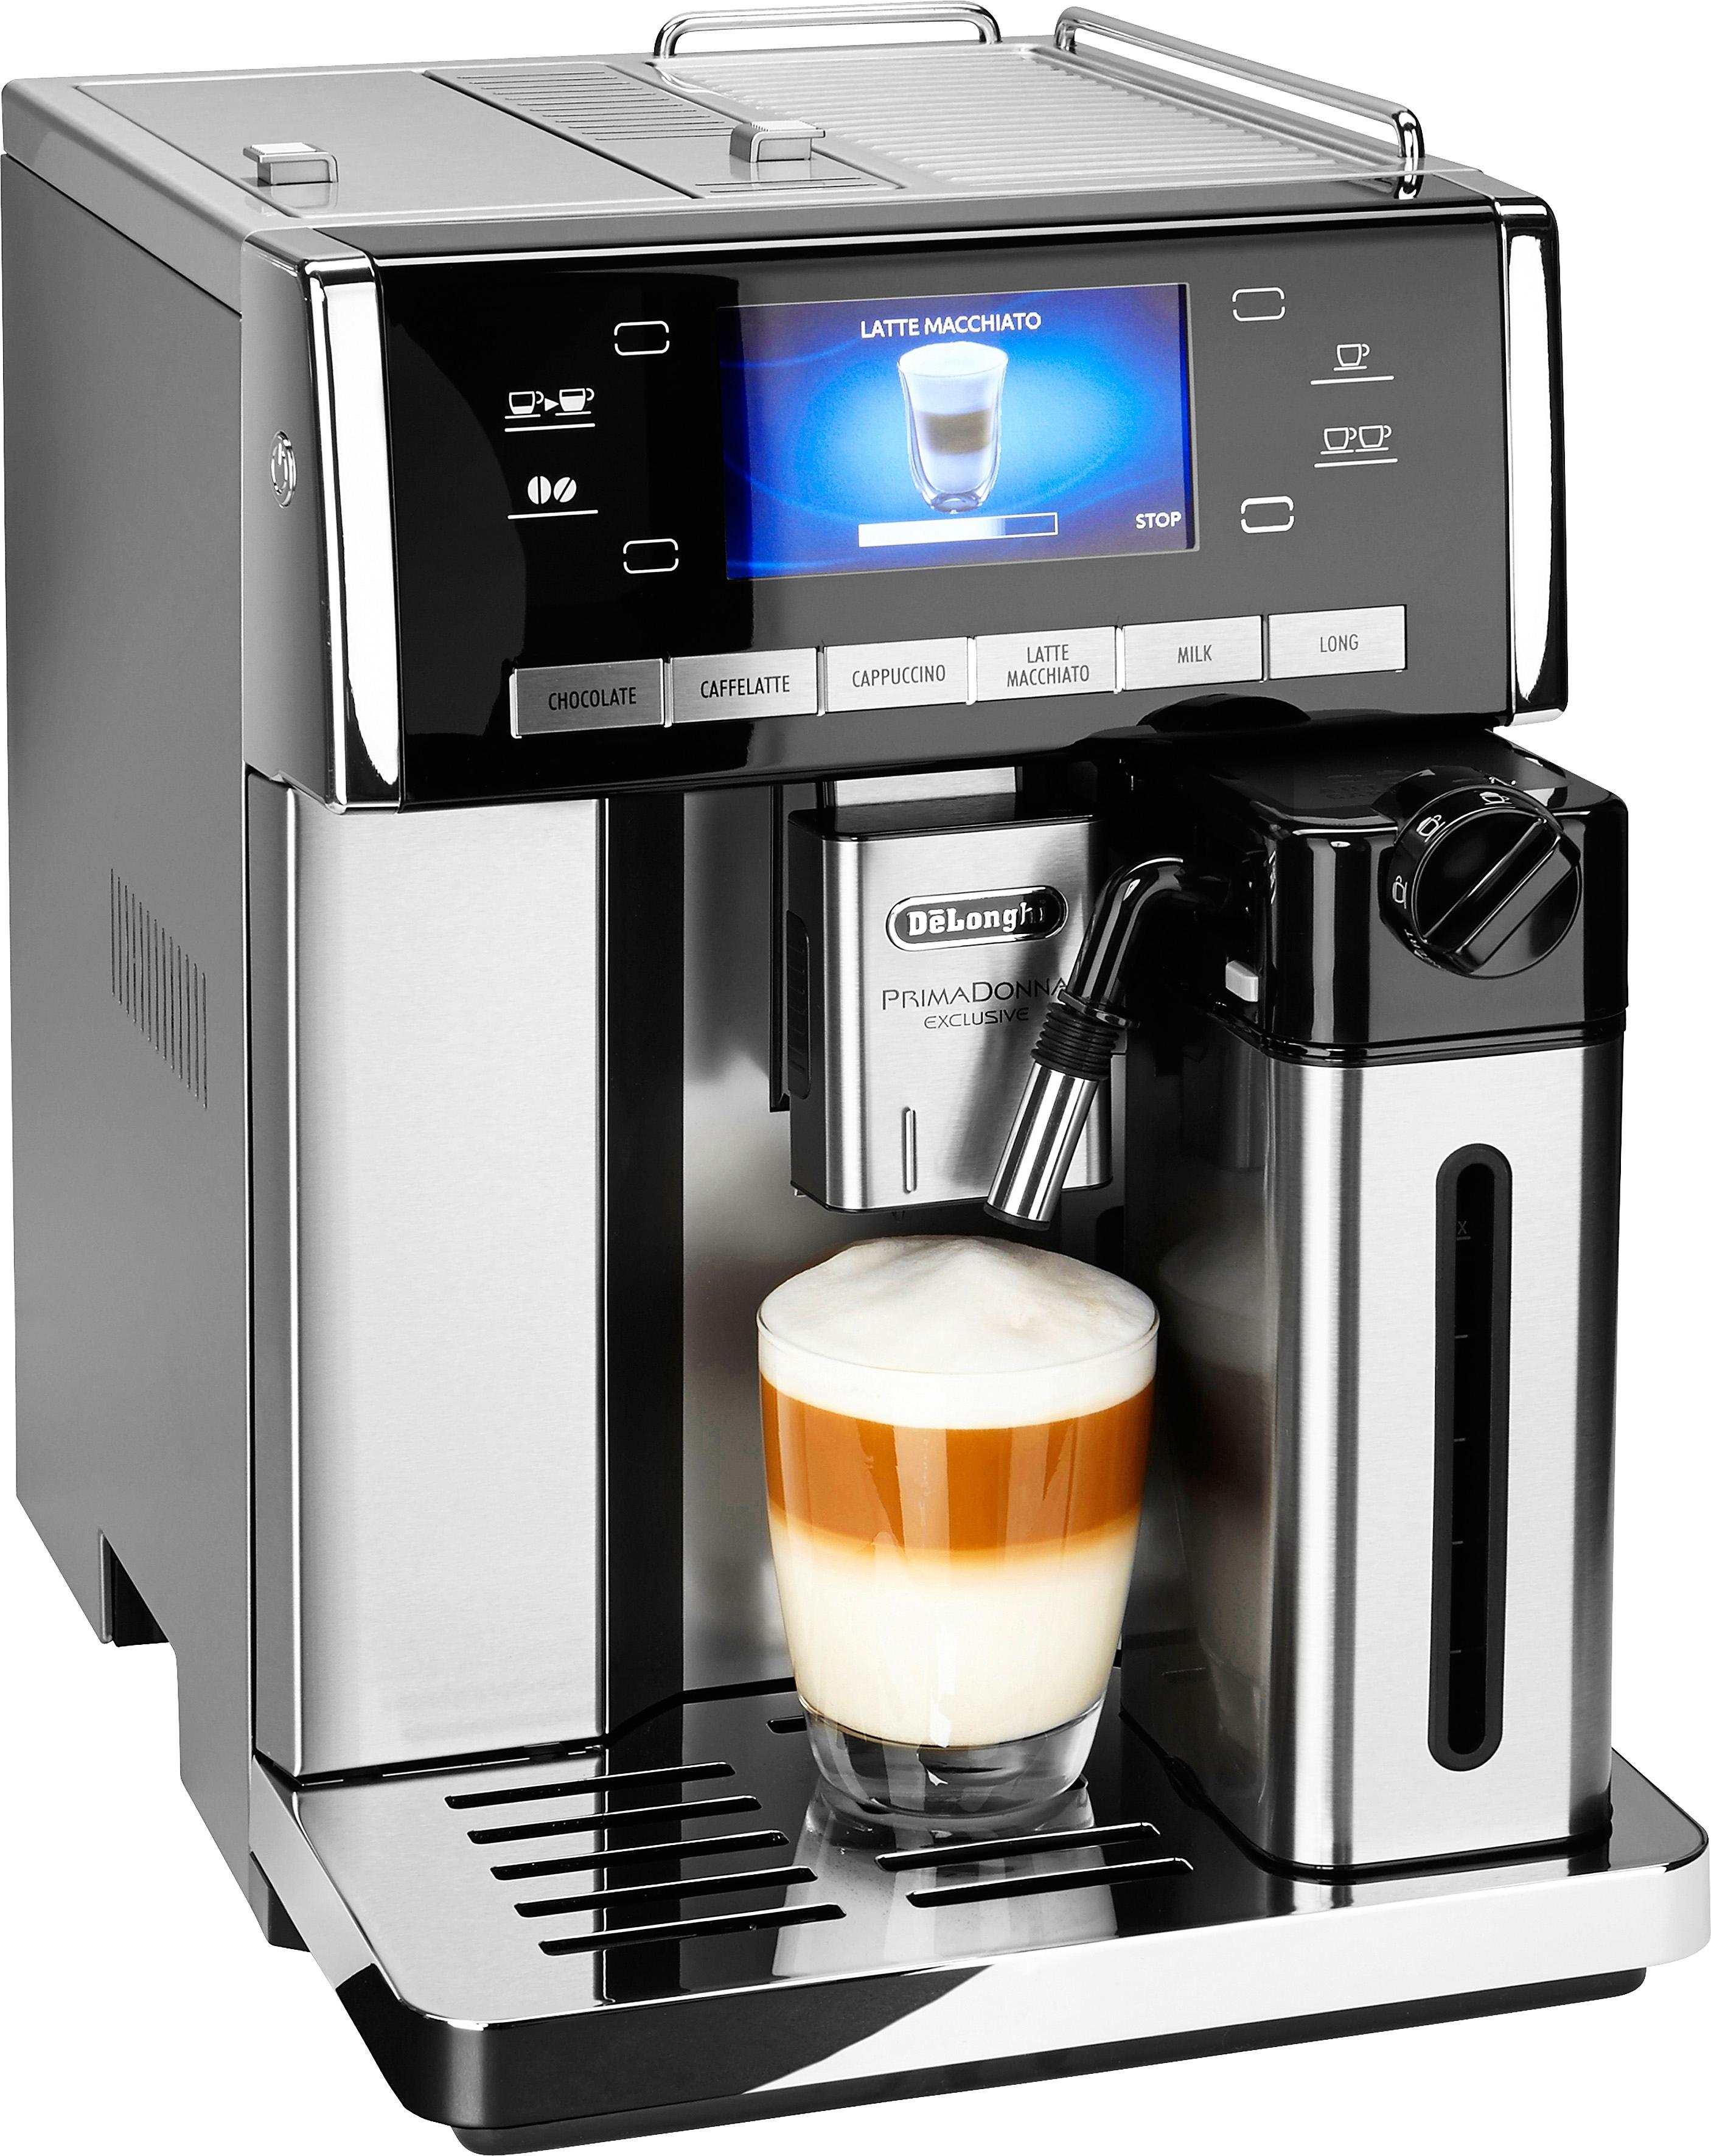 Delonghi volautomatisch koffiezetapparaat PrimaDonna Exclusive ESAM 6900.M, zilverkleur/edelstaal veilig op otto.nl kopen